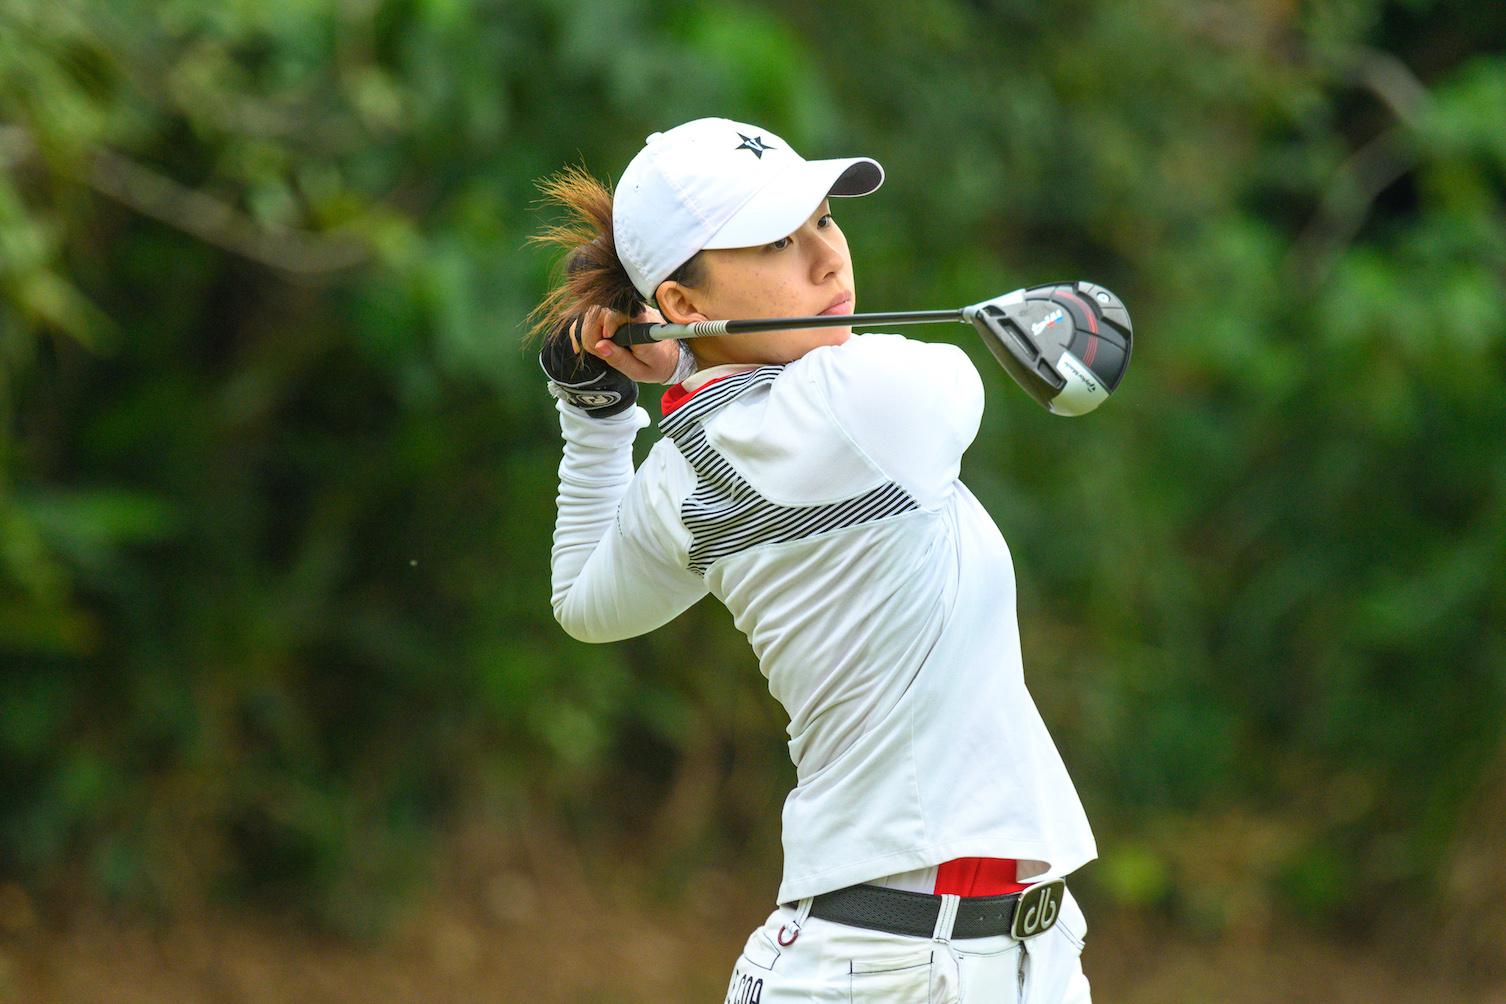 丁慧中是八名出戰香港女子高爾夫球公開賽的香港球手之一。相片由公關提供。